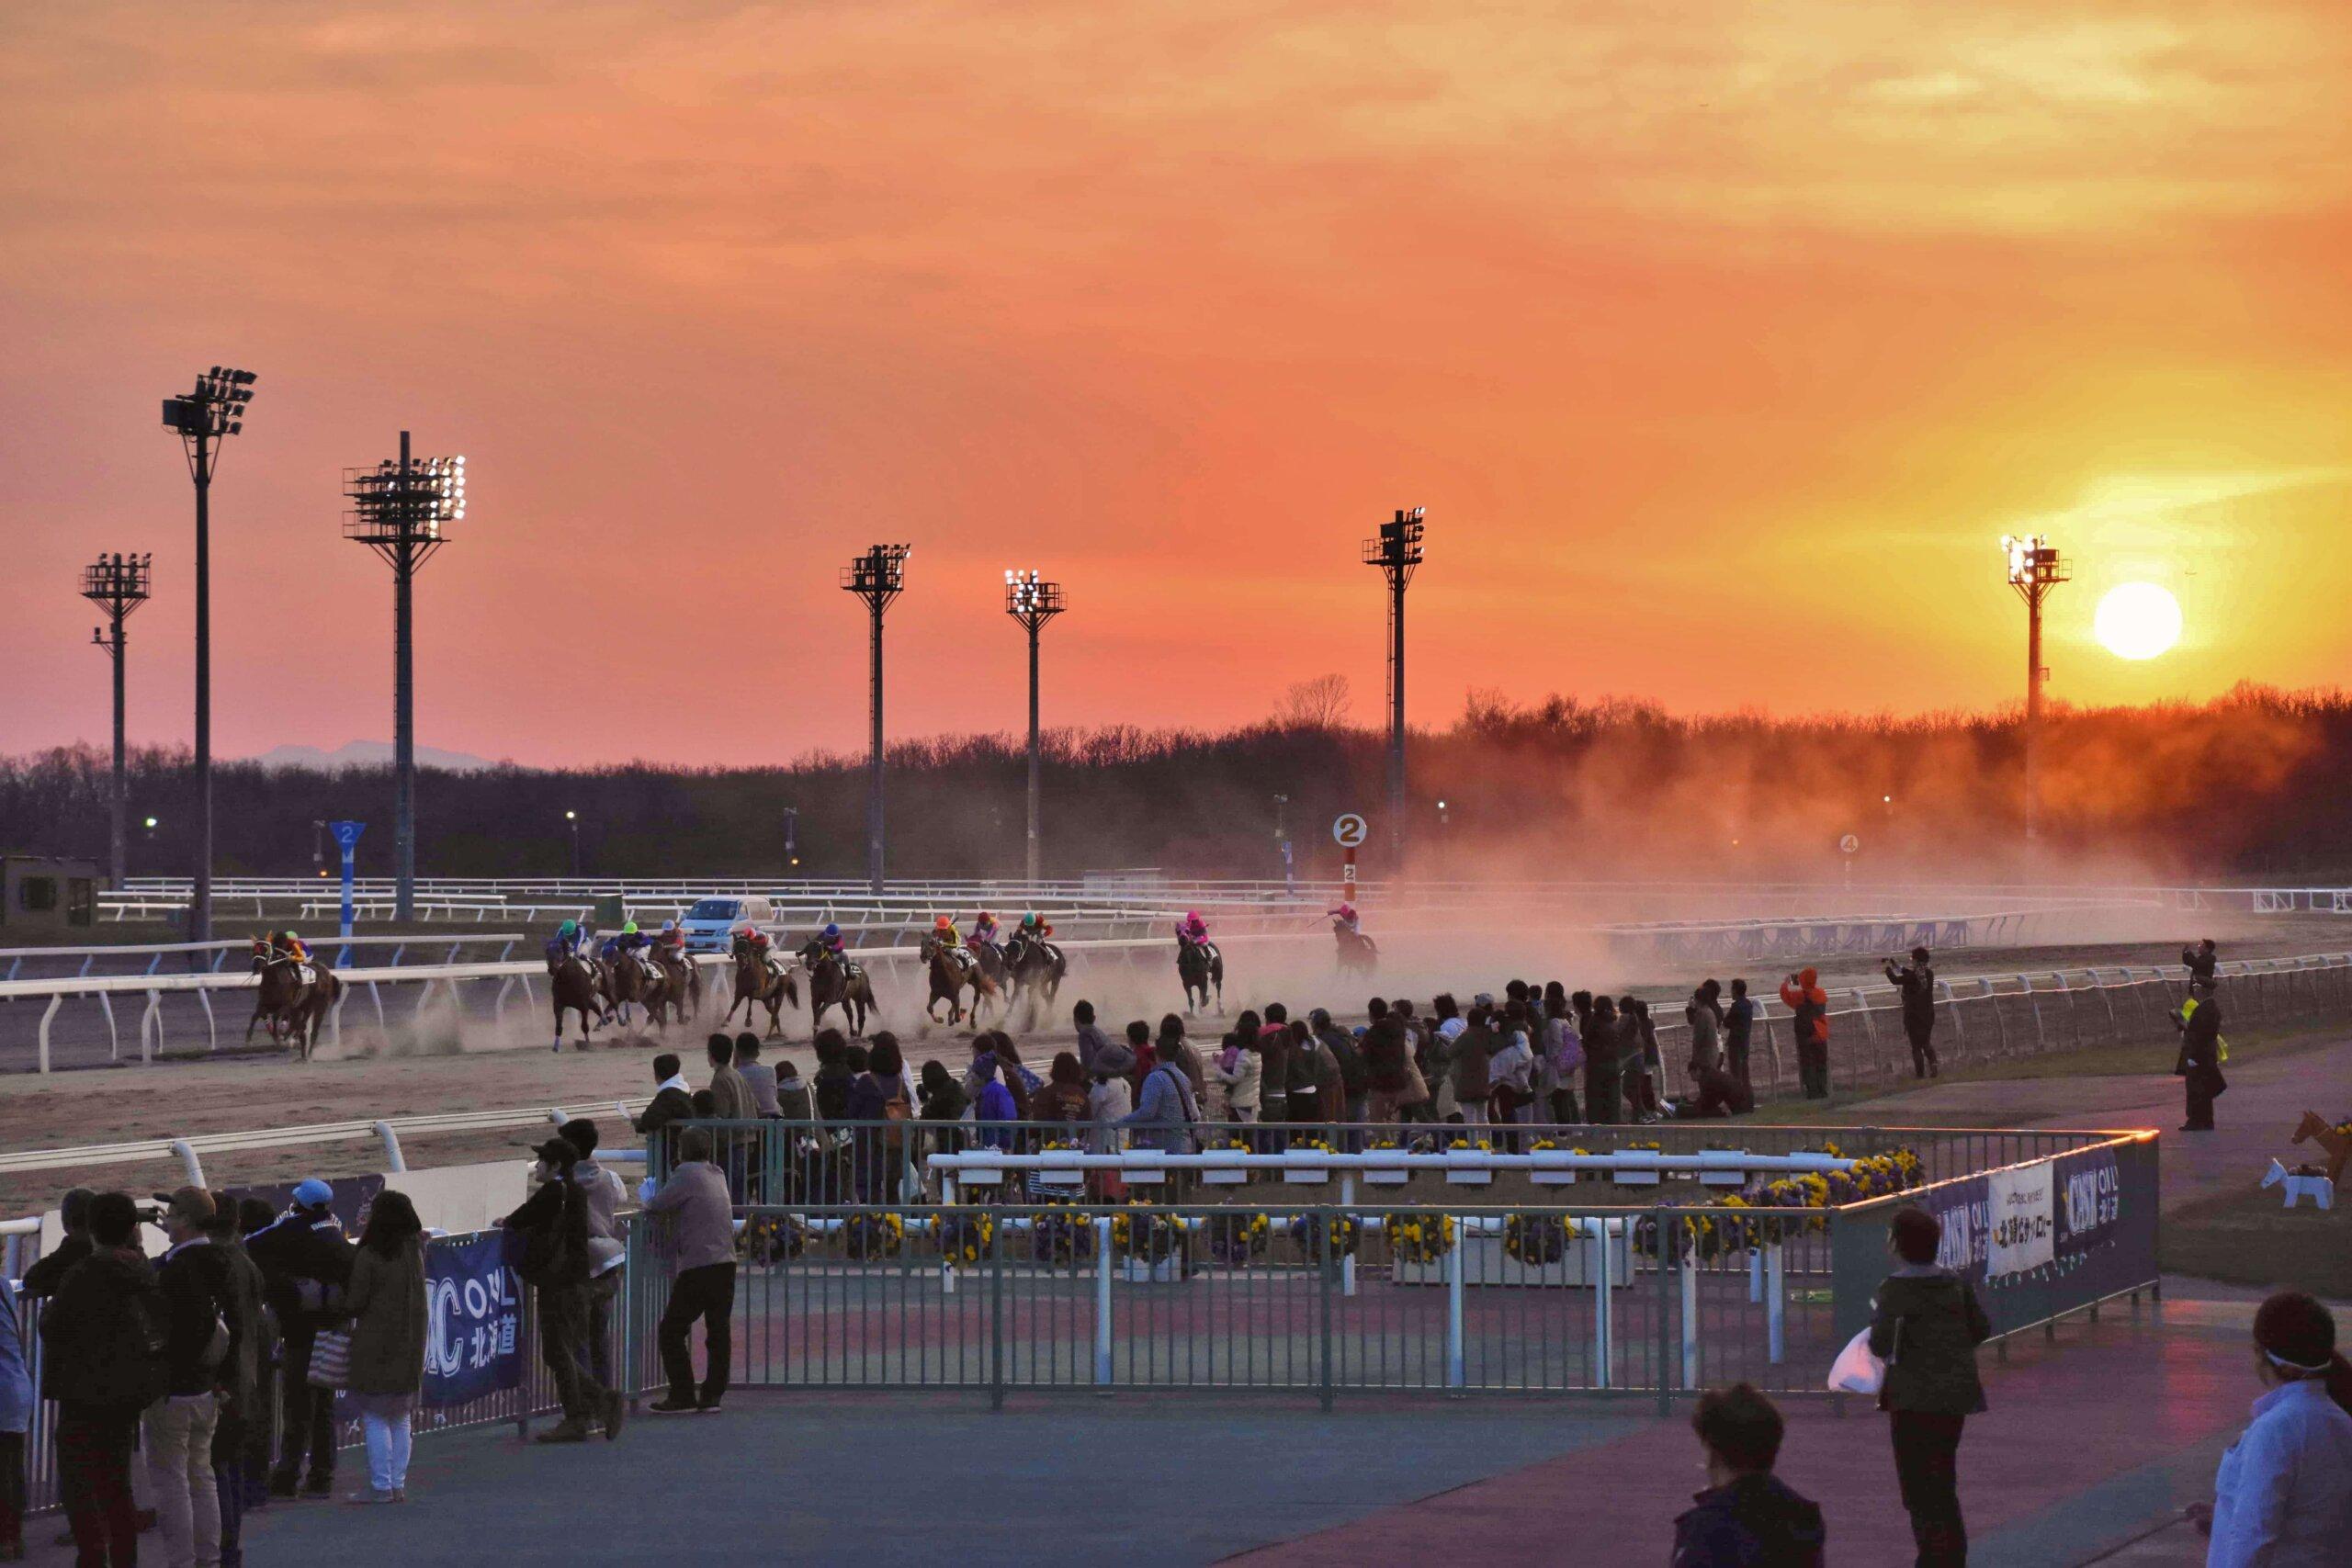 門別競馬場:親自見證日高地區、充滿臨場感的賽馬比賽!